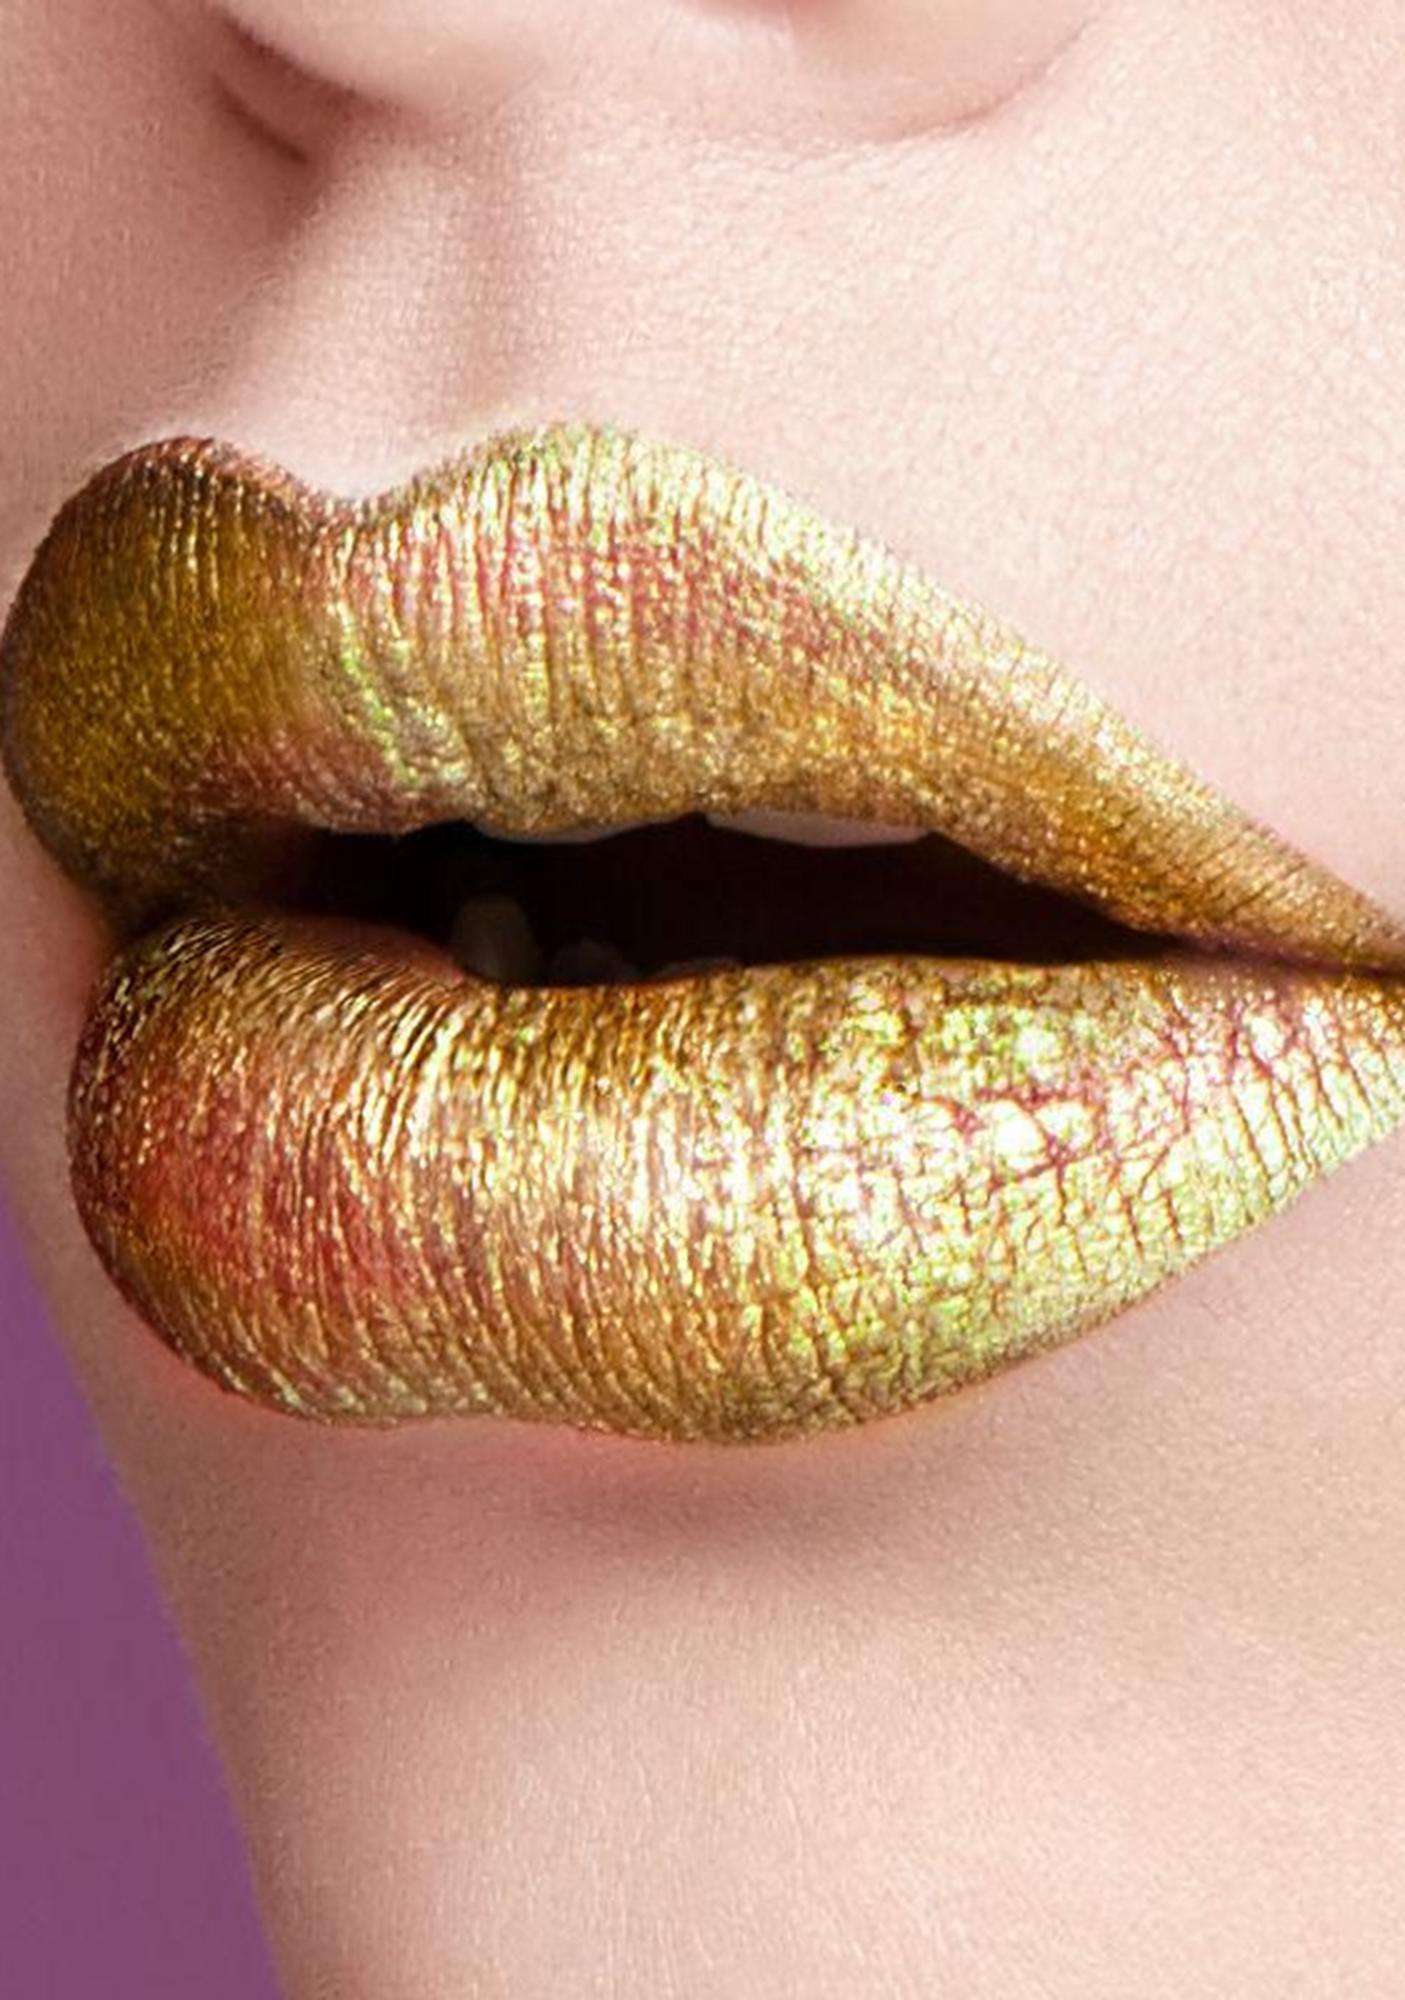 Shablam Cosmetics Witch Mutant Iridescent Liquid Lipstick